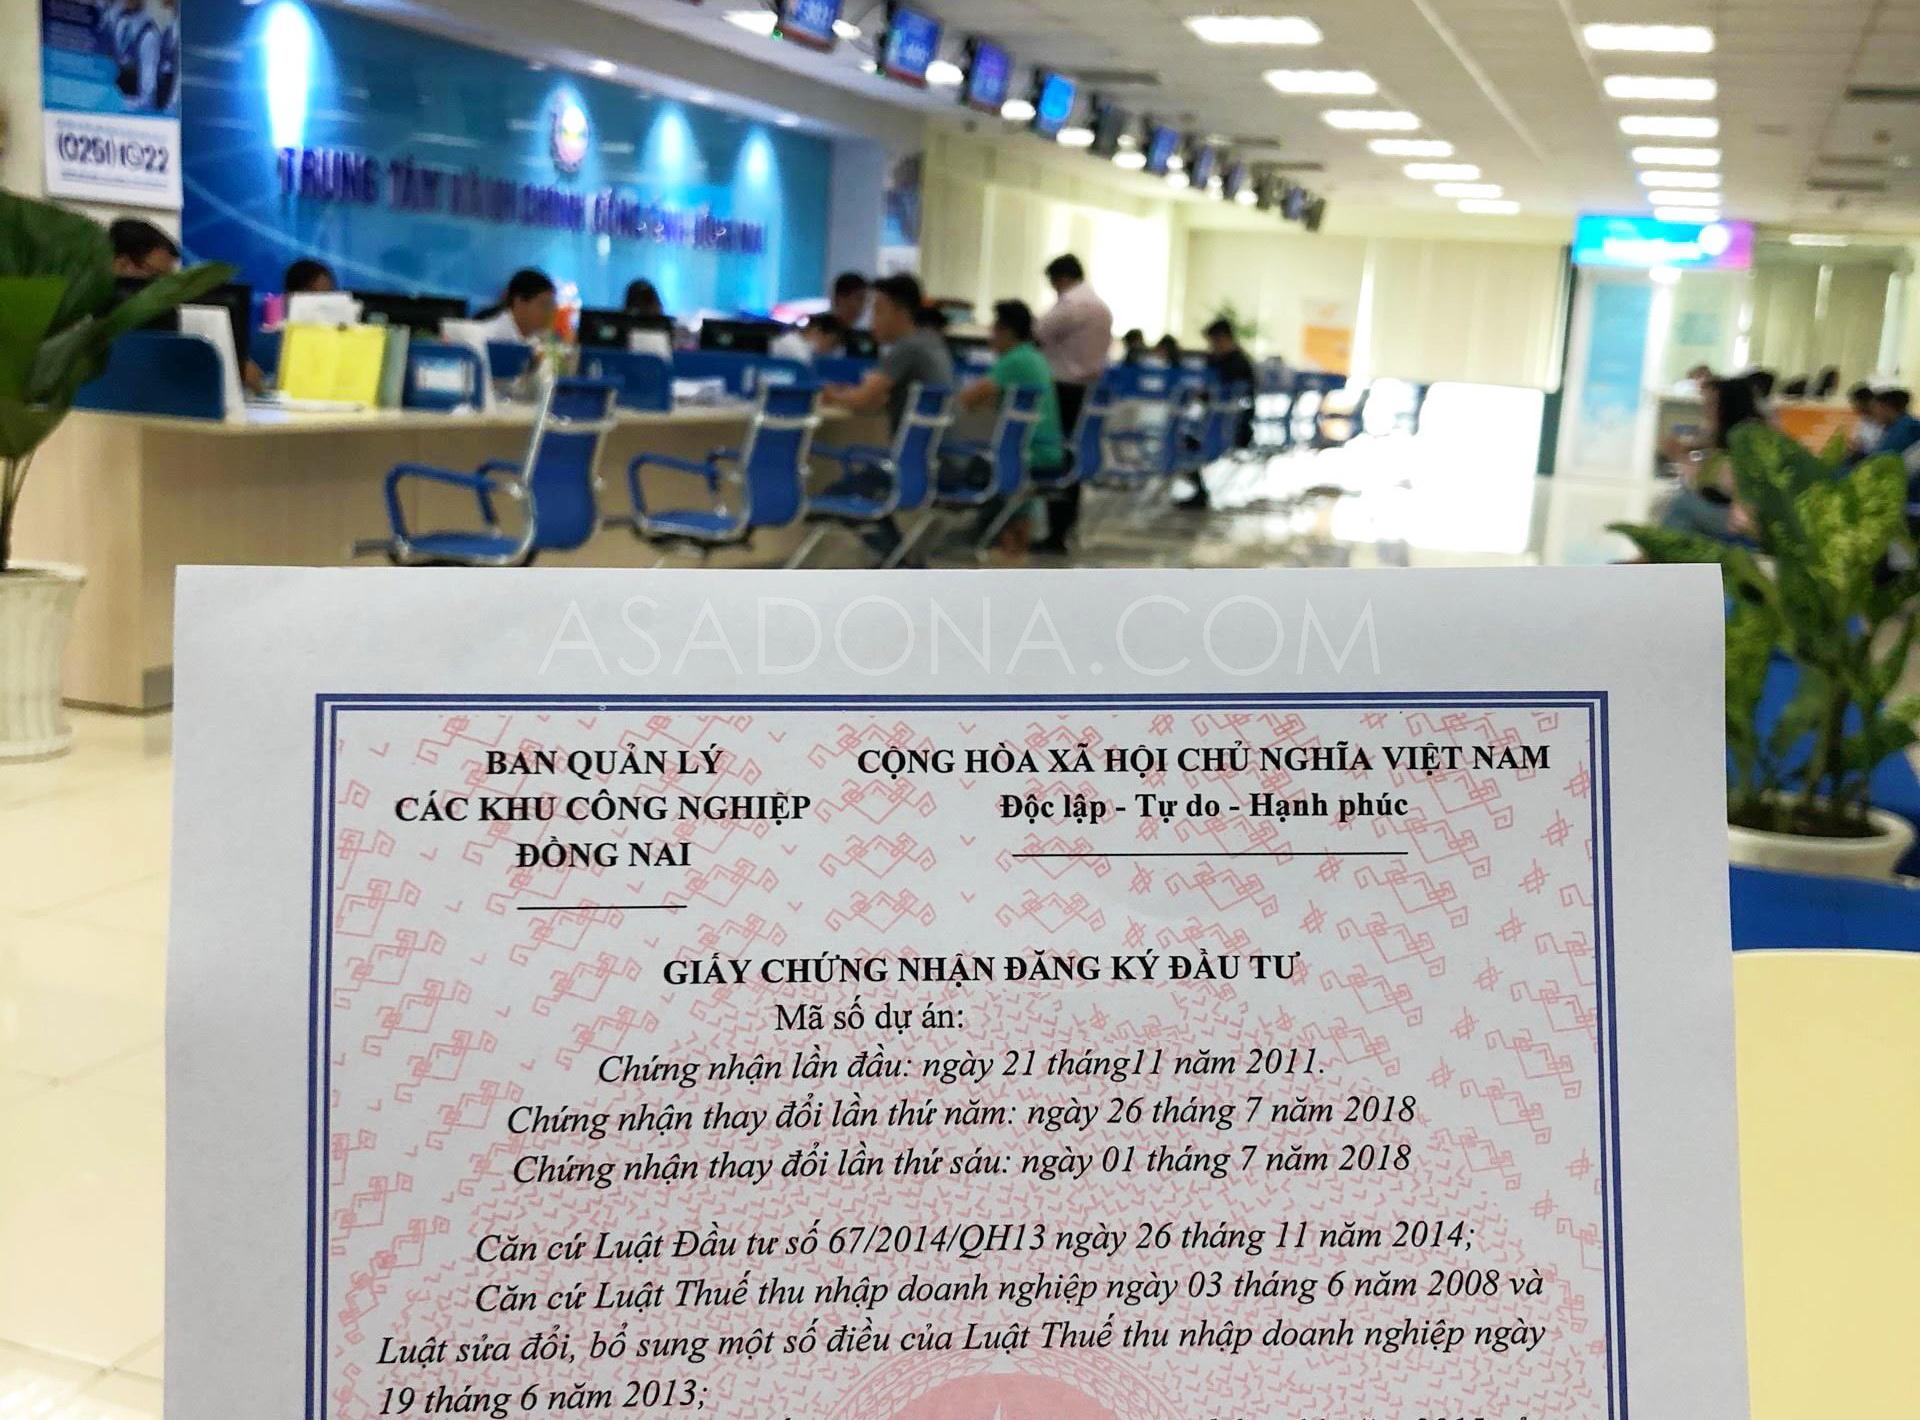 Dịch vụ làm giấy chứng nhận đầu tư tại Đồng Nai